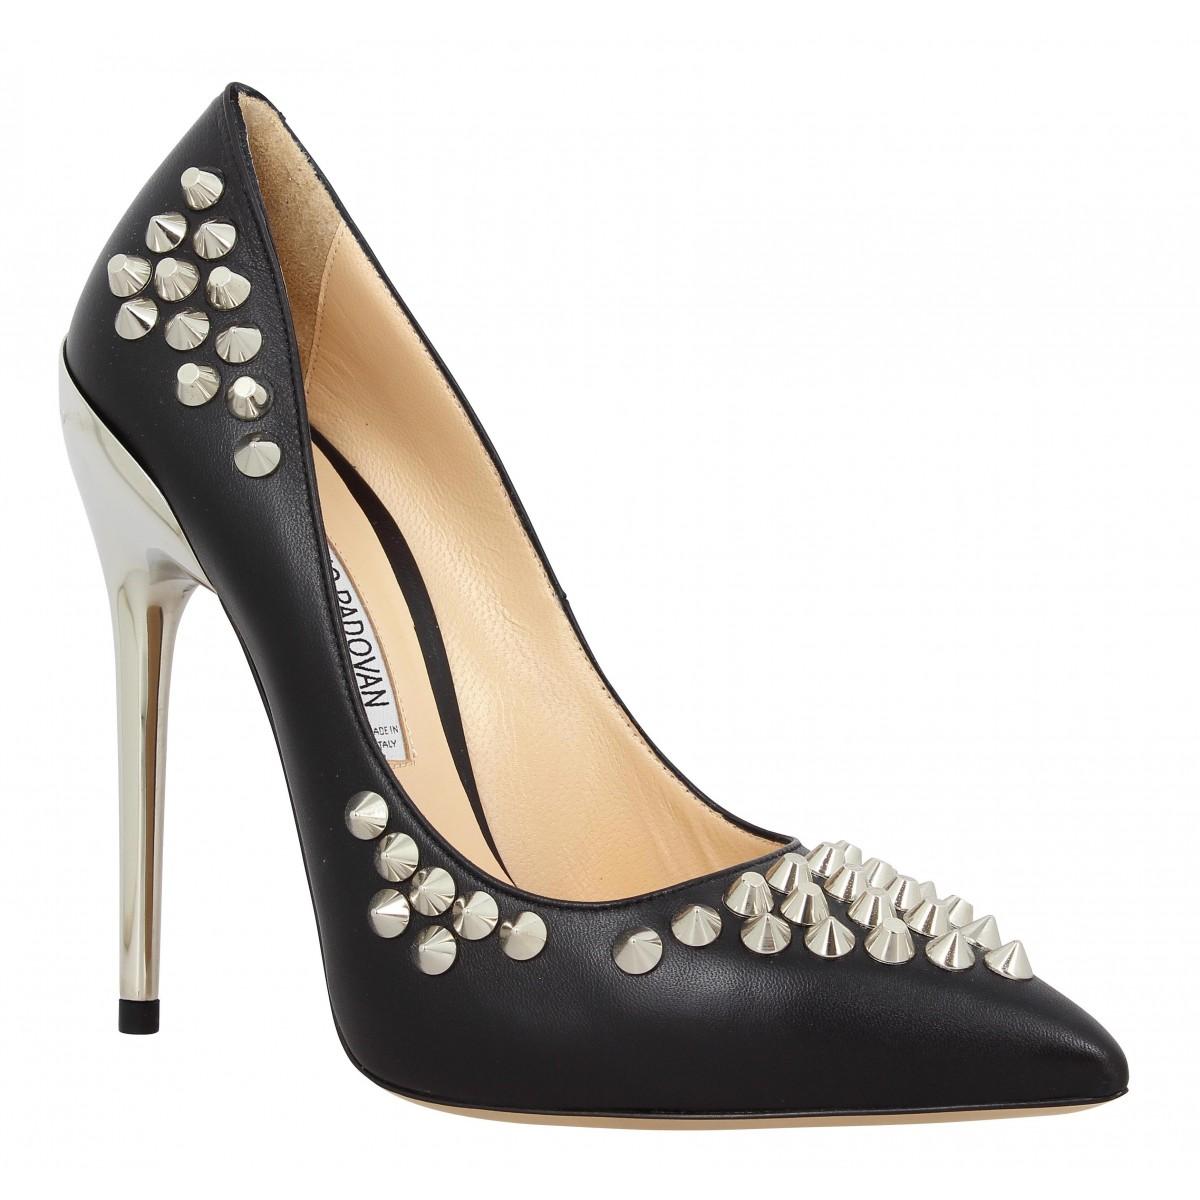 Escarpins LUCIANO PADOVAN 074 cuir Femme Noir